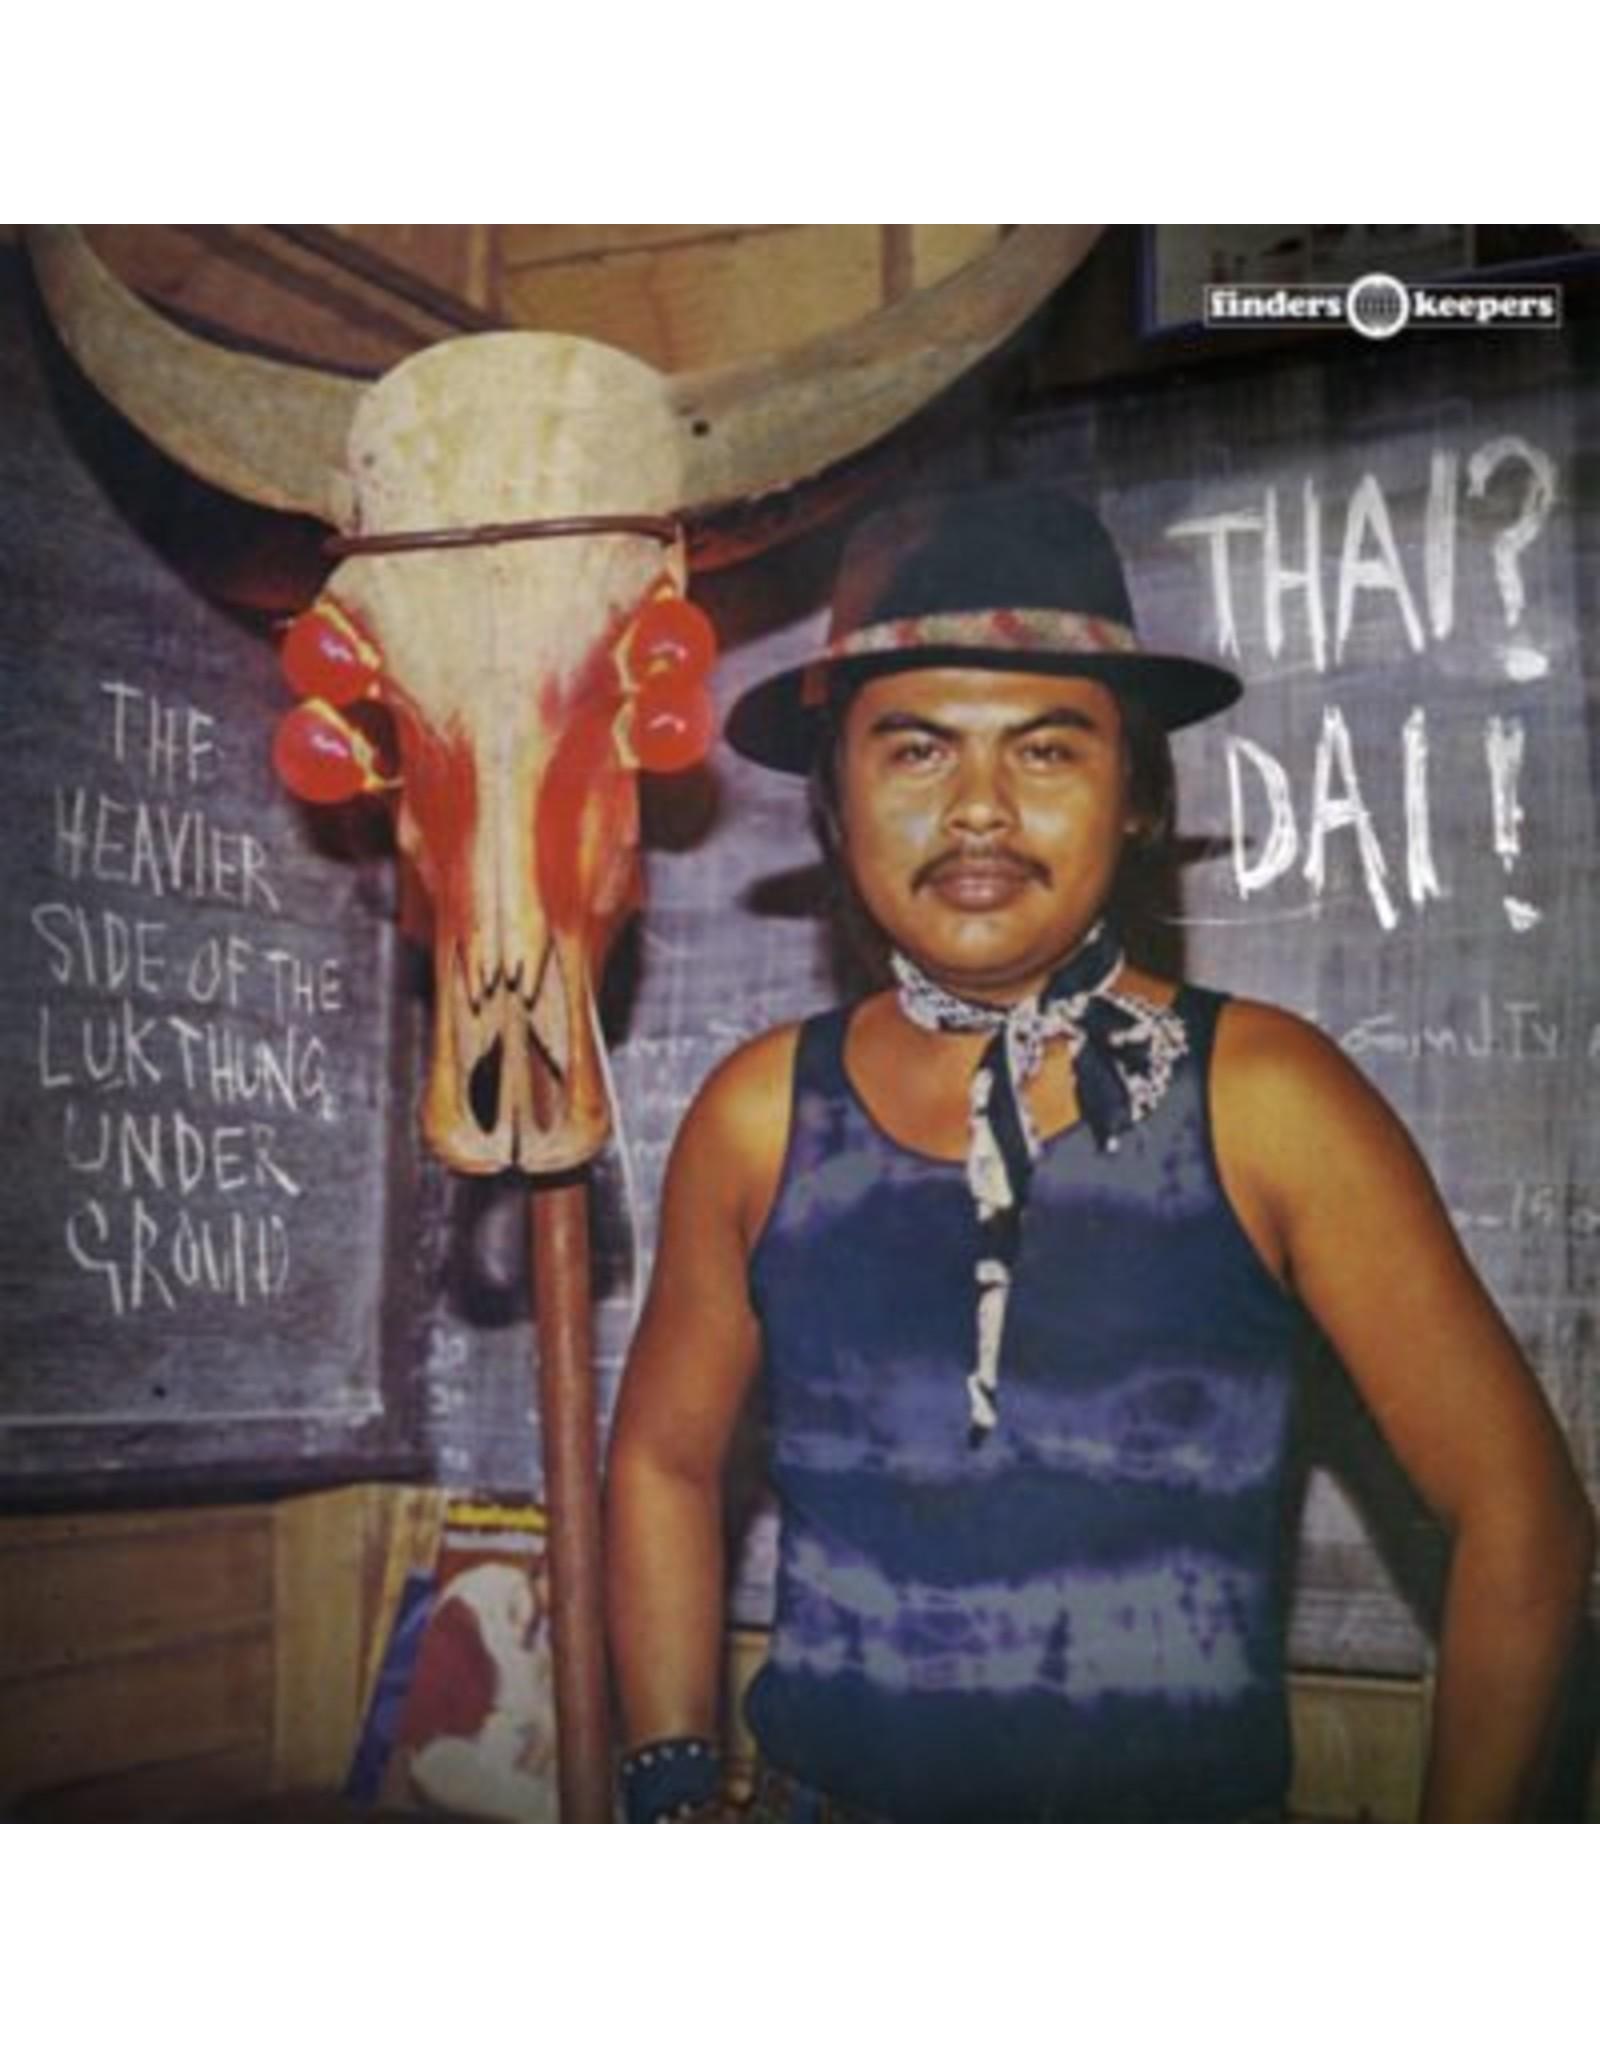 Finders Keepers VARIOUS: Thai? Dai! LP